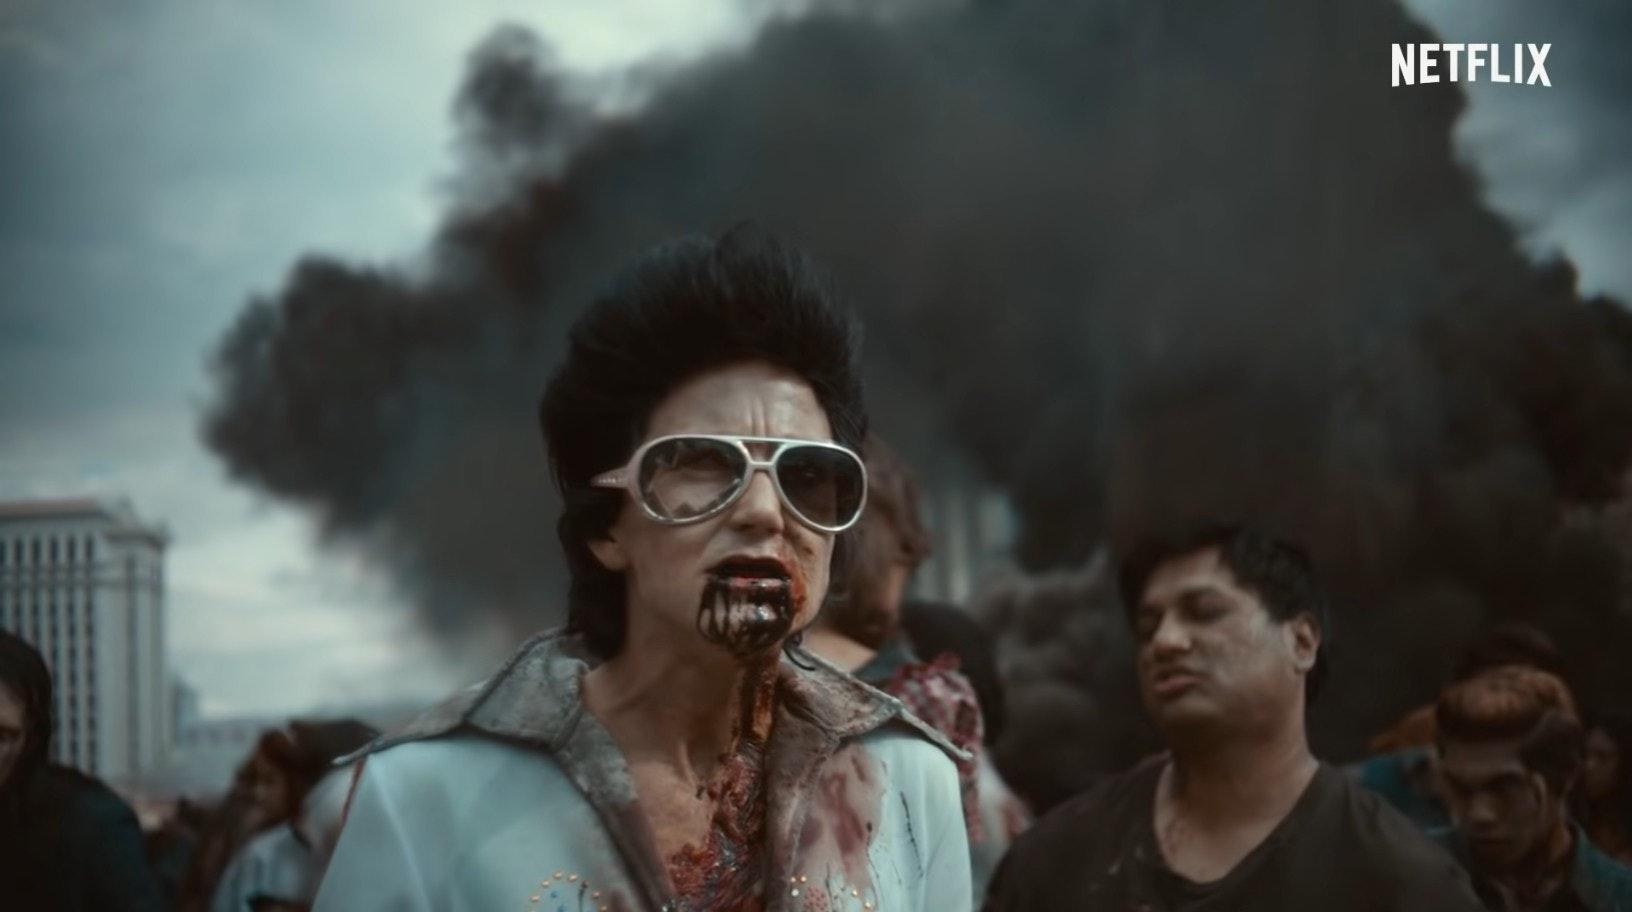 Cena de Army of the Dead. No centro, vemos um zumbi - um homem branco vestido de Elvis com múltiplas escoriações e sangue escorrendo por sua boca. Ele usa um macacão branco, também sujo de sangue. Ao fundo, vemos outras criaturas e a fumaça preta de uma explosão.